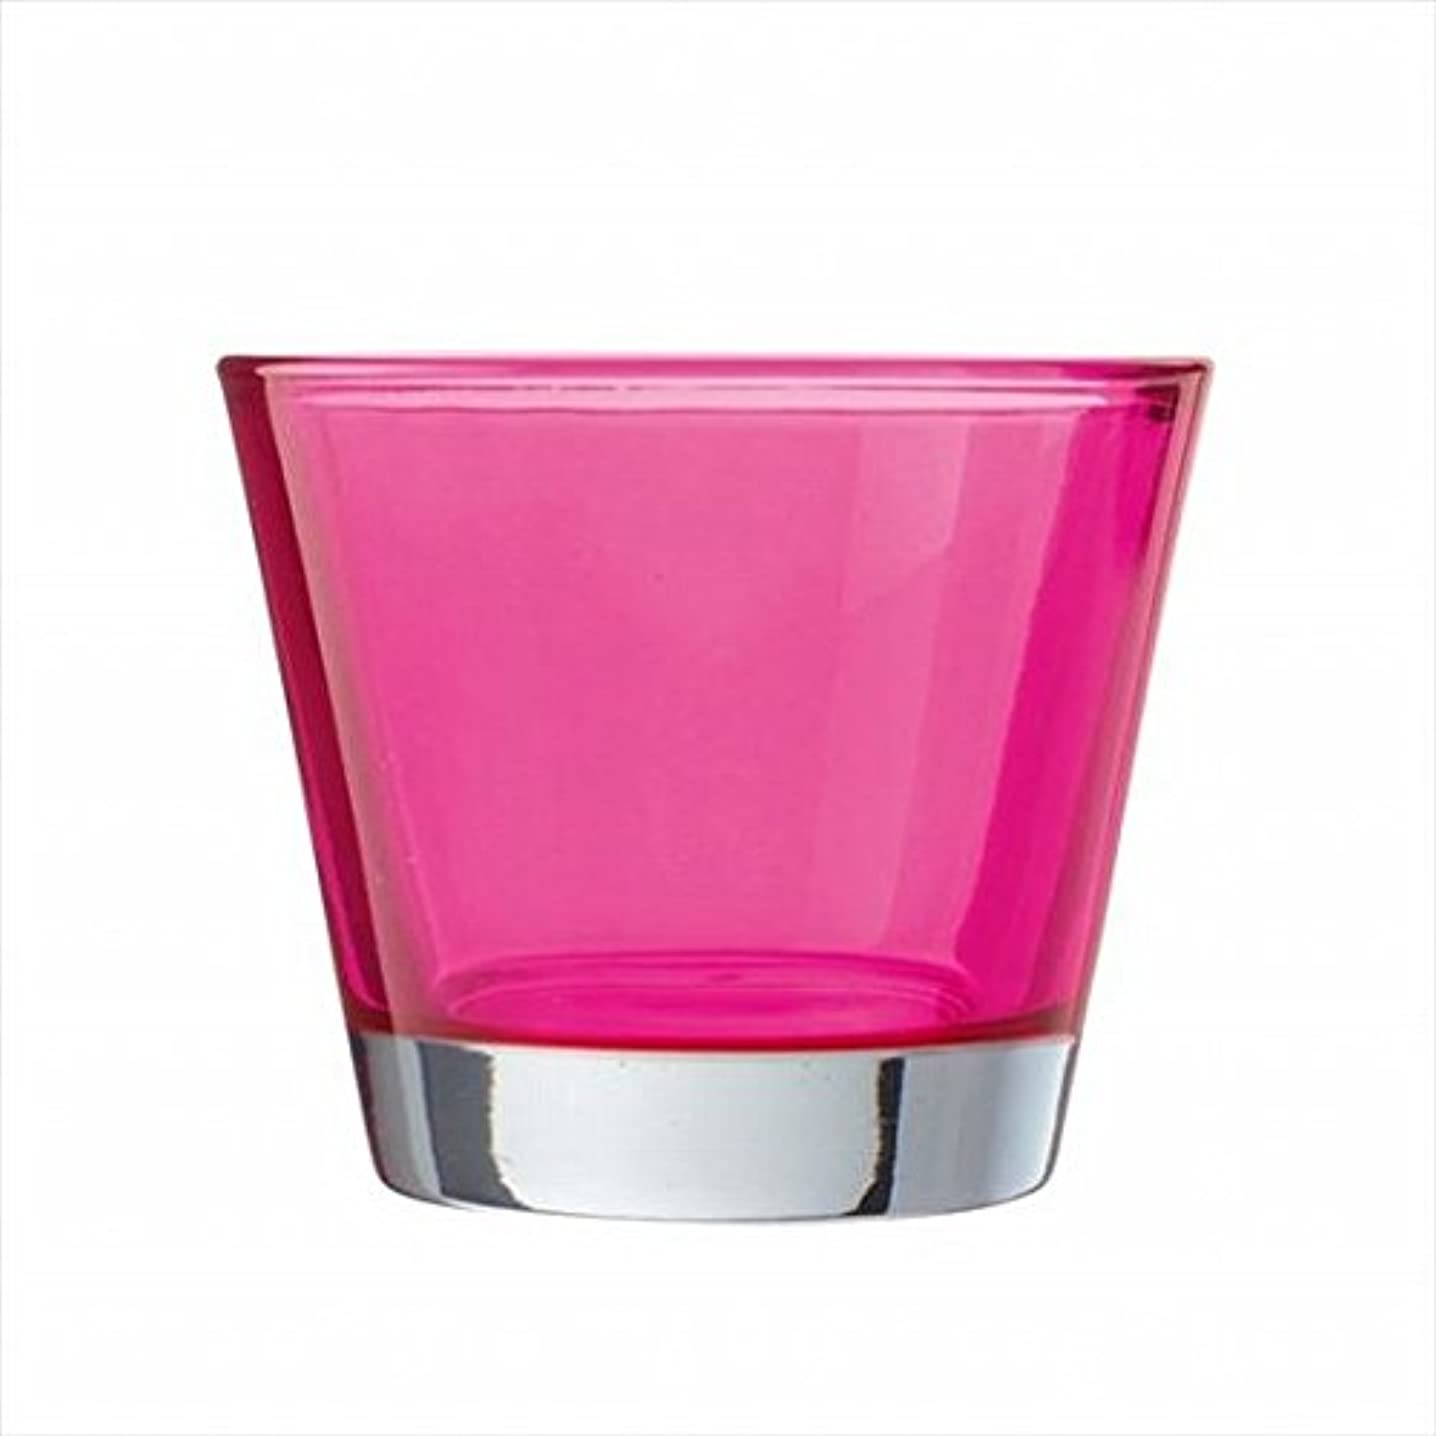 脈拍軍隊運賃kameyama candle(カメヤマキャンドル) カラリス 「 ピンク 」 キャンドル 82x82x70mm (J2540000PK)